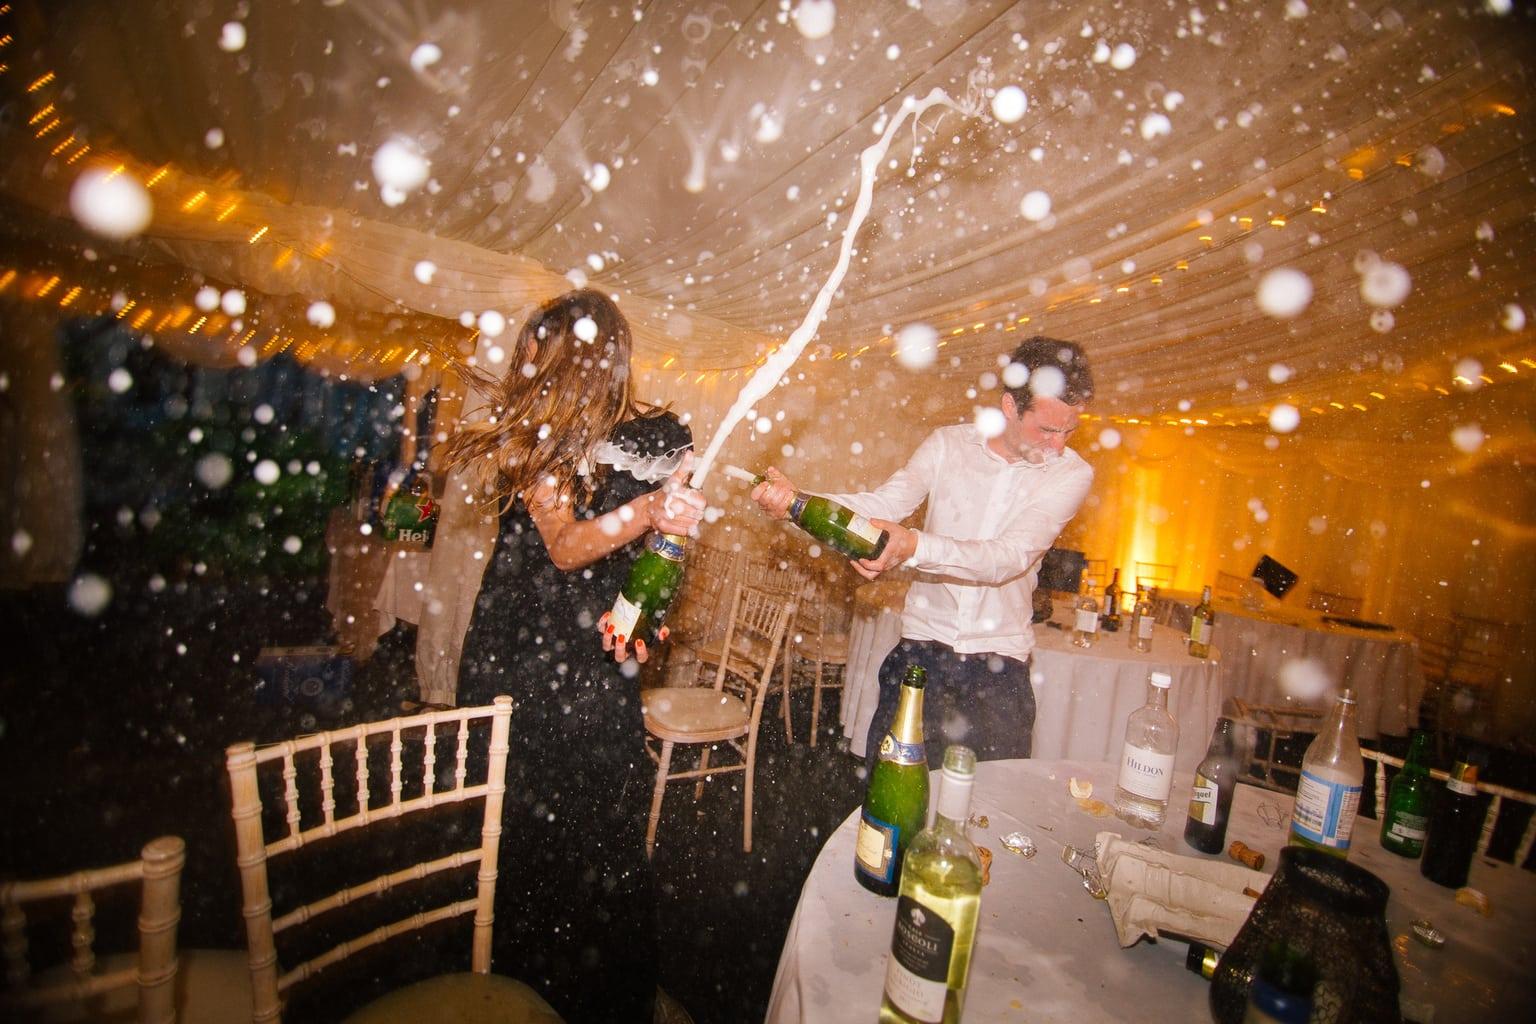 fotografía pareja celebrando fin de año